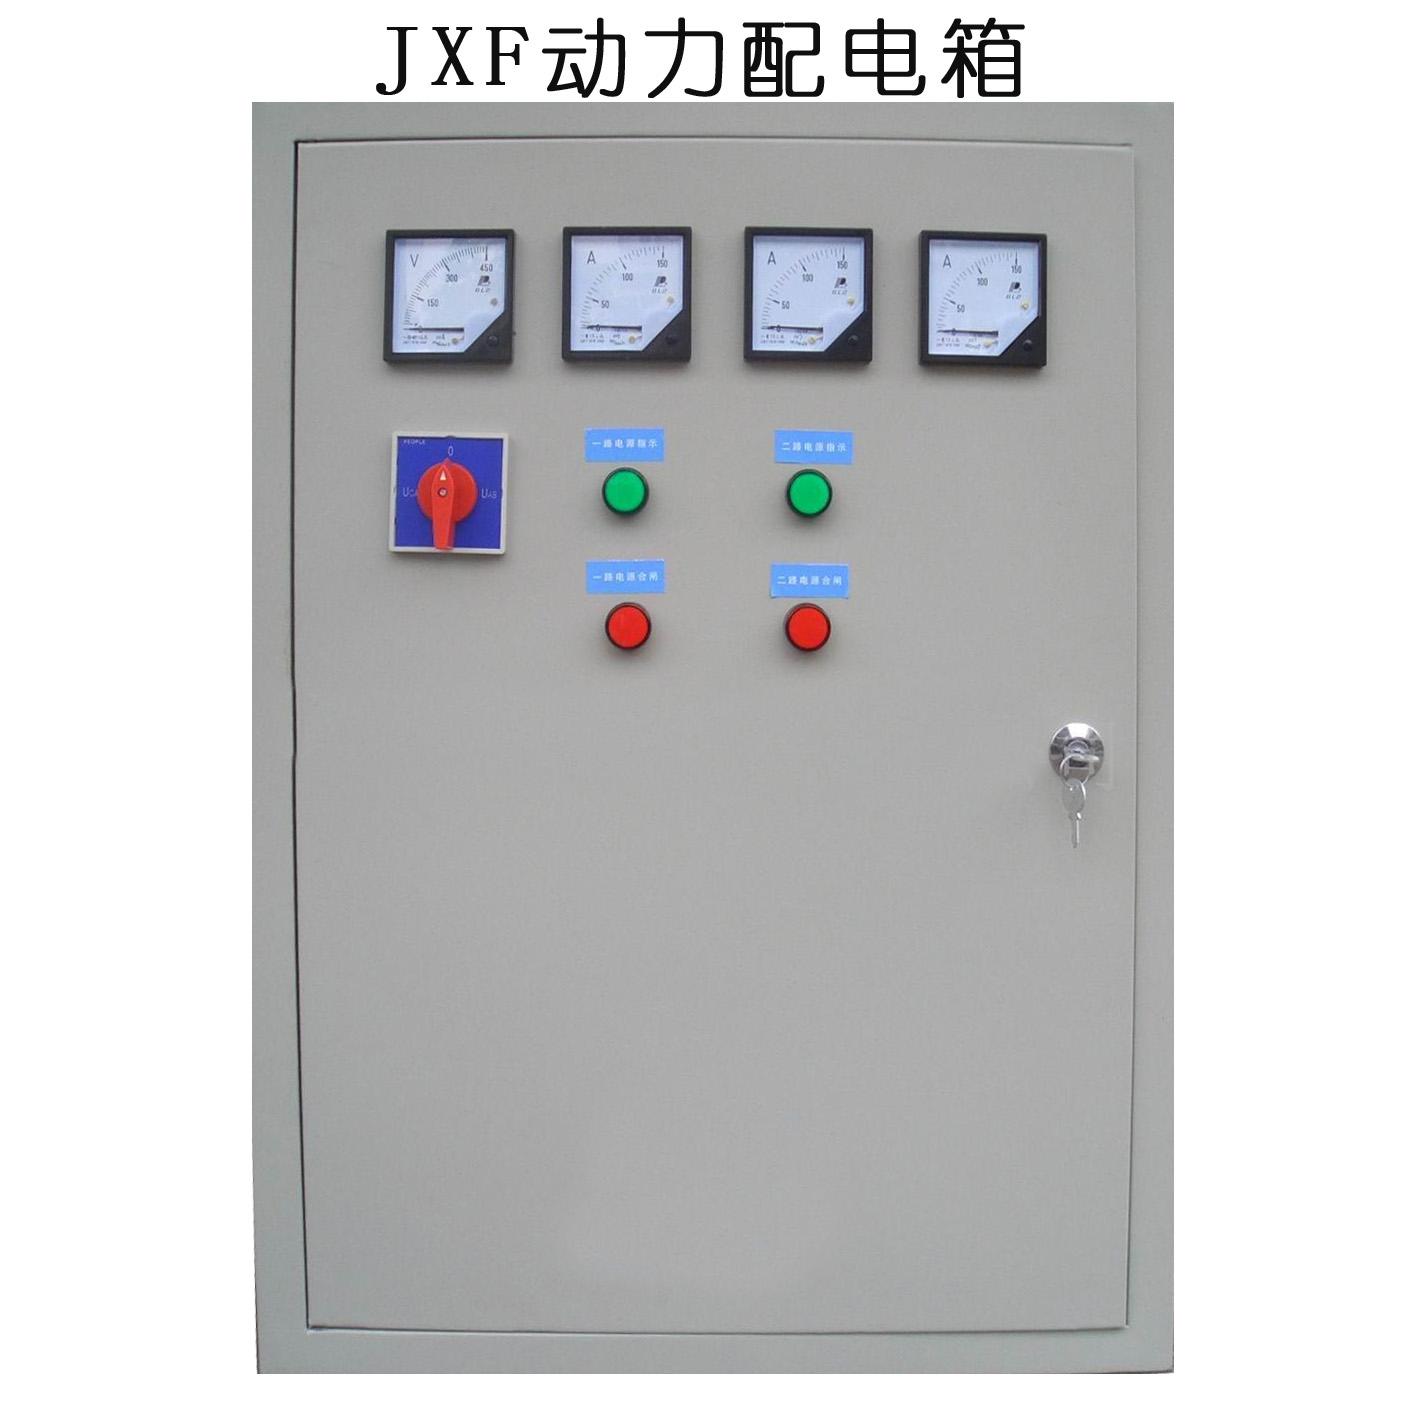 选购配电箱时需要注意哪些问题